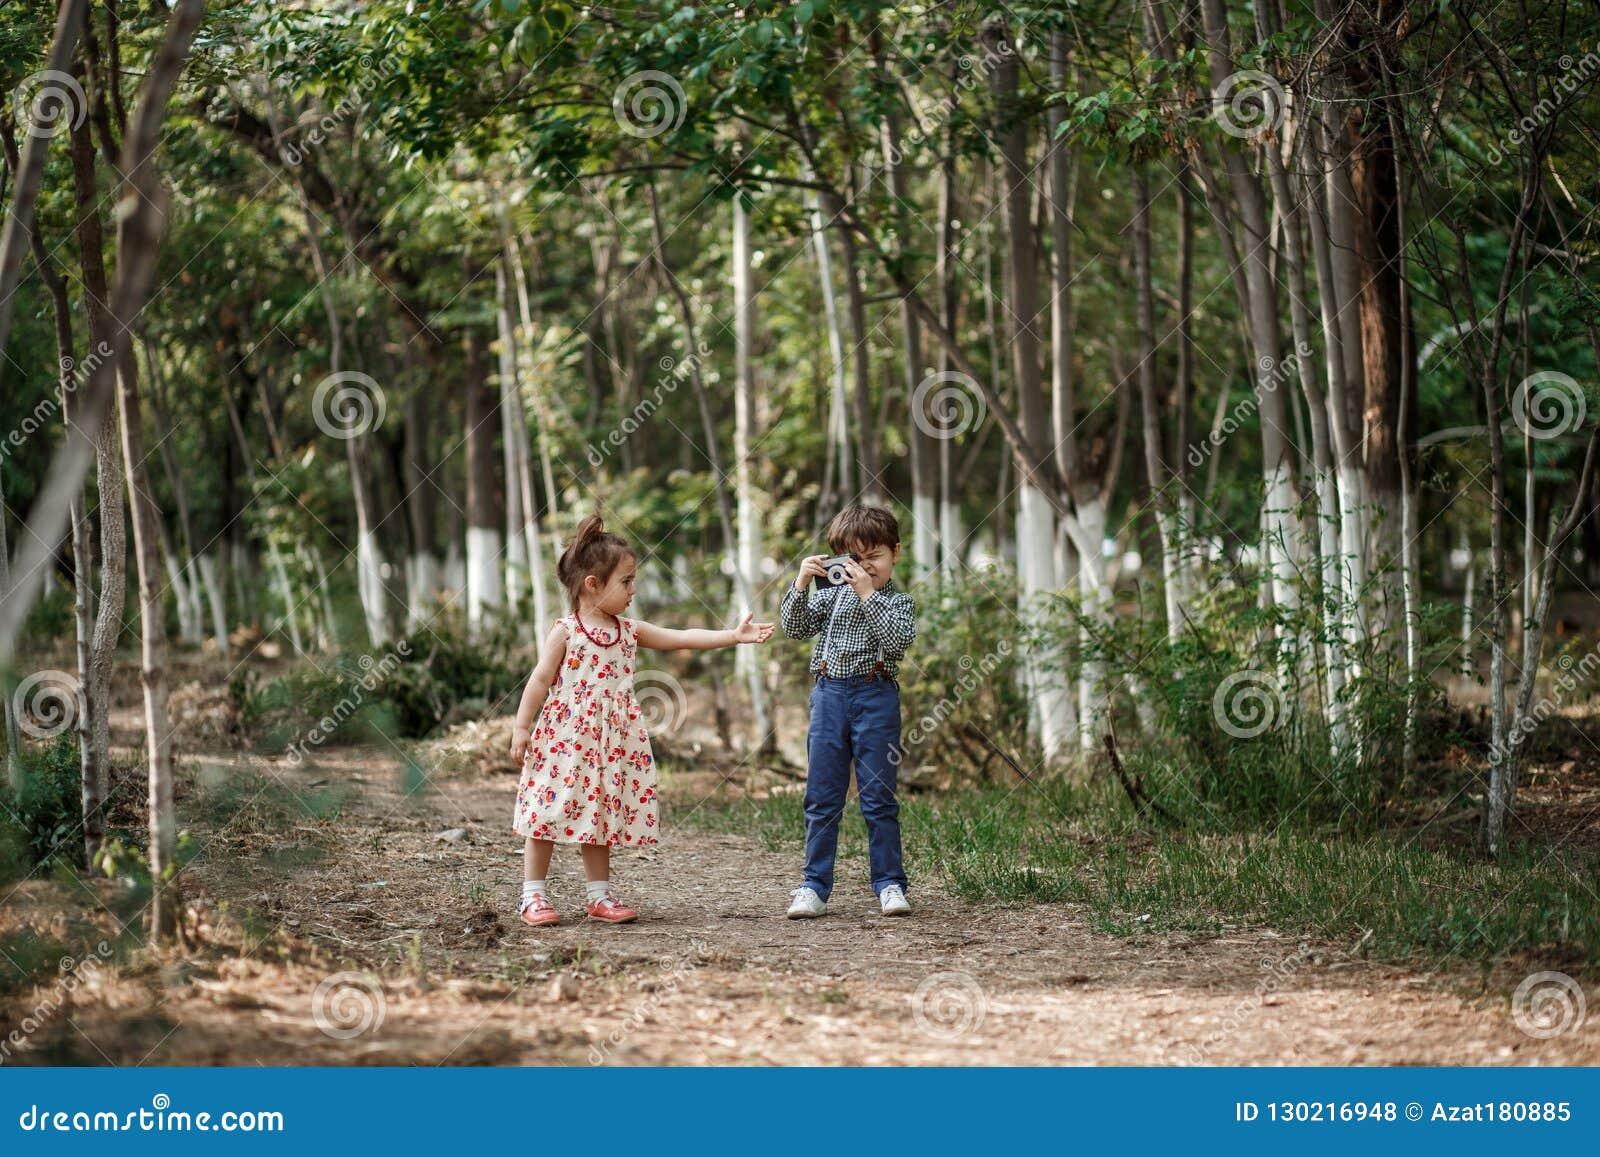 Το λίγο χαριτωμένο αγόρι στα εκλεκτής ποιότητας ενδύματα και το λίγο όμορφο κορίτσι σε ένα αναδρομικό φόρεμα περπατούν στα ξύλα κ